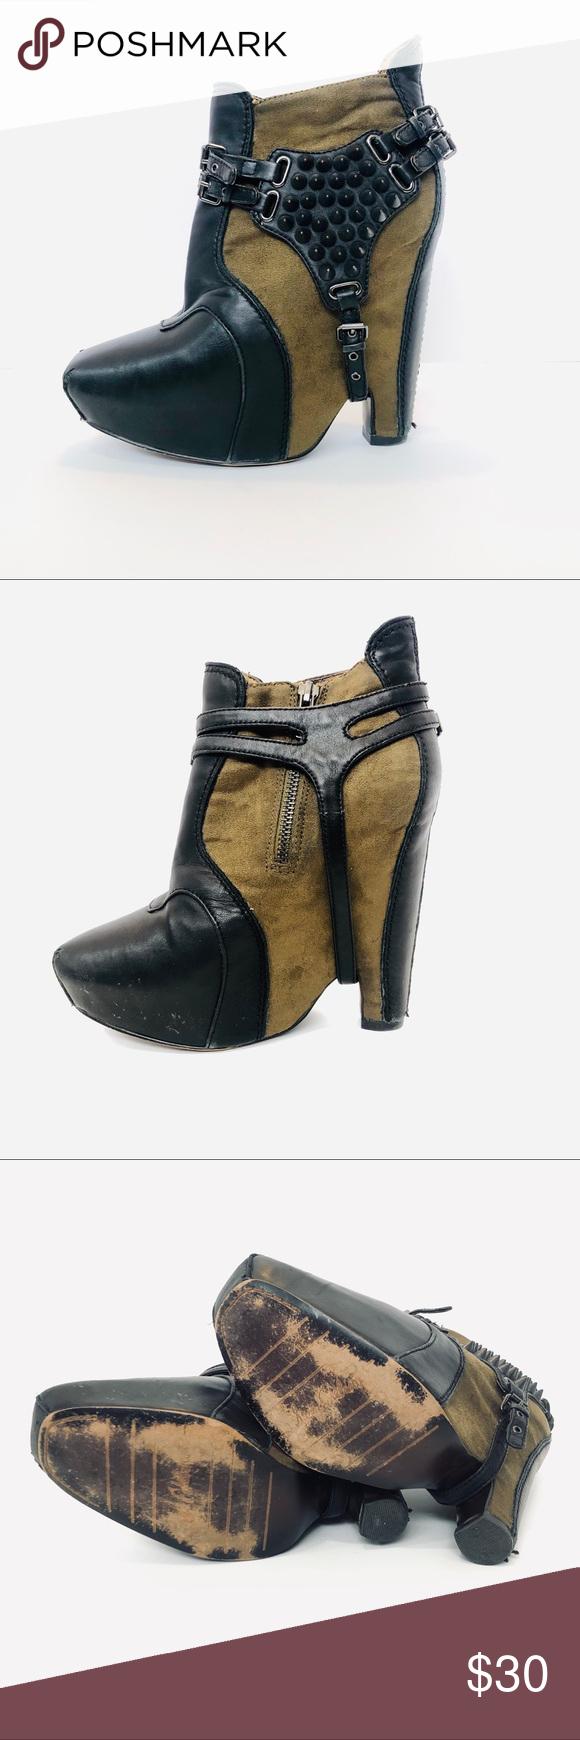 7a1c63a10e4505 SAM EDELMAN  Zoe 2  Ankle Harness Boot